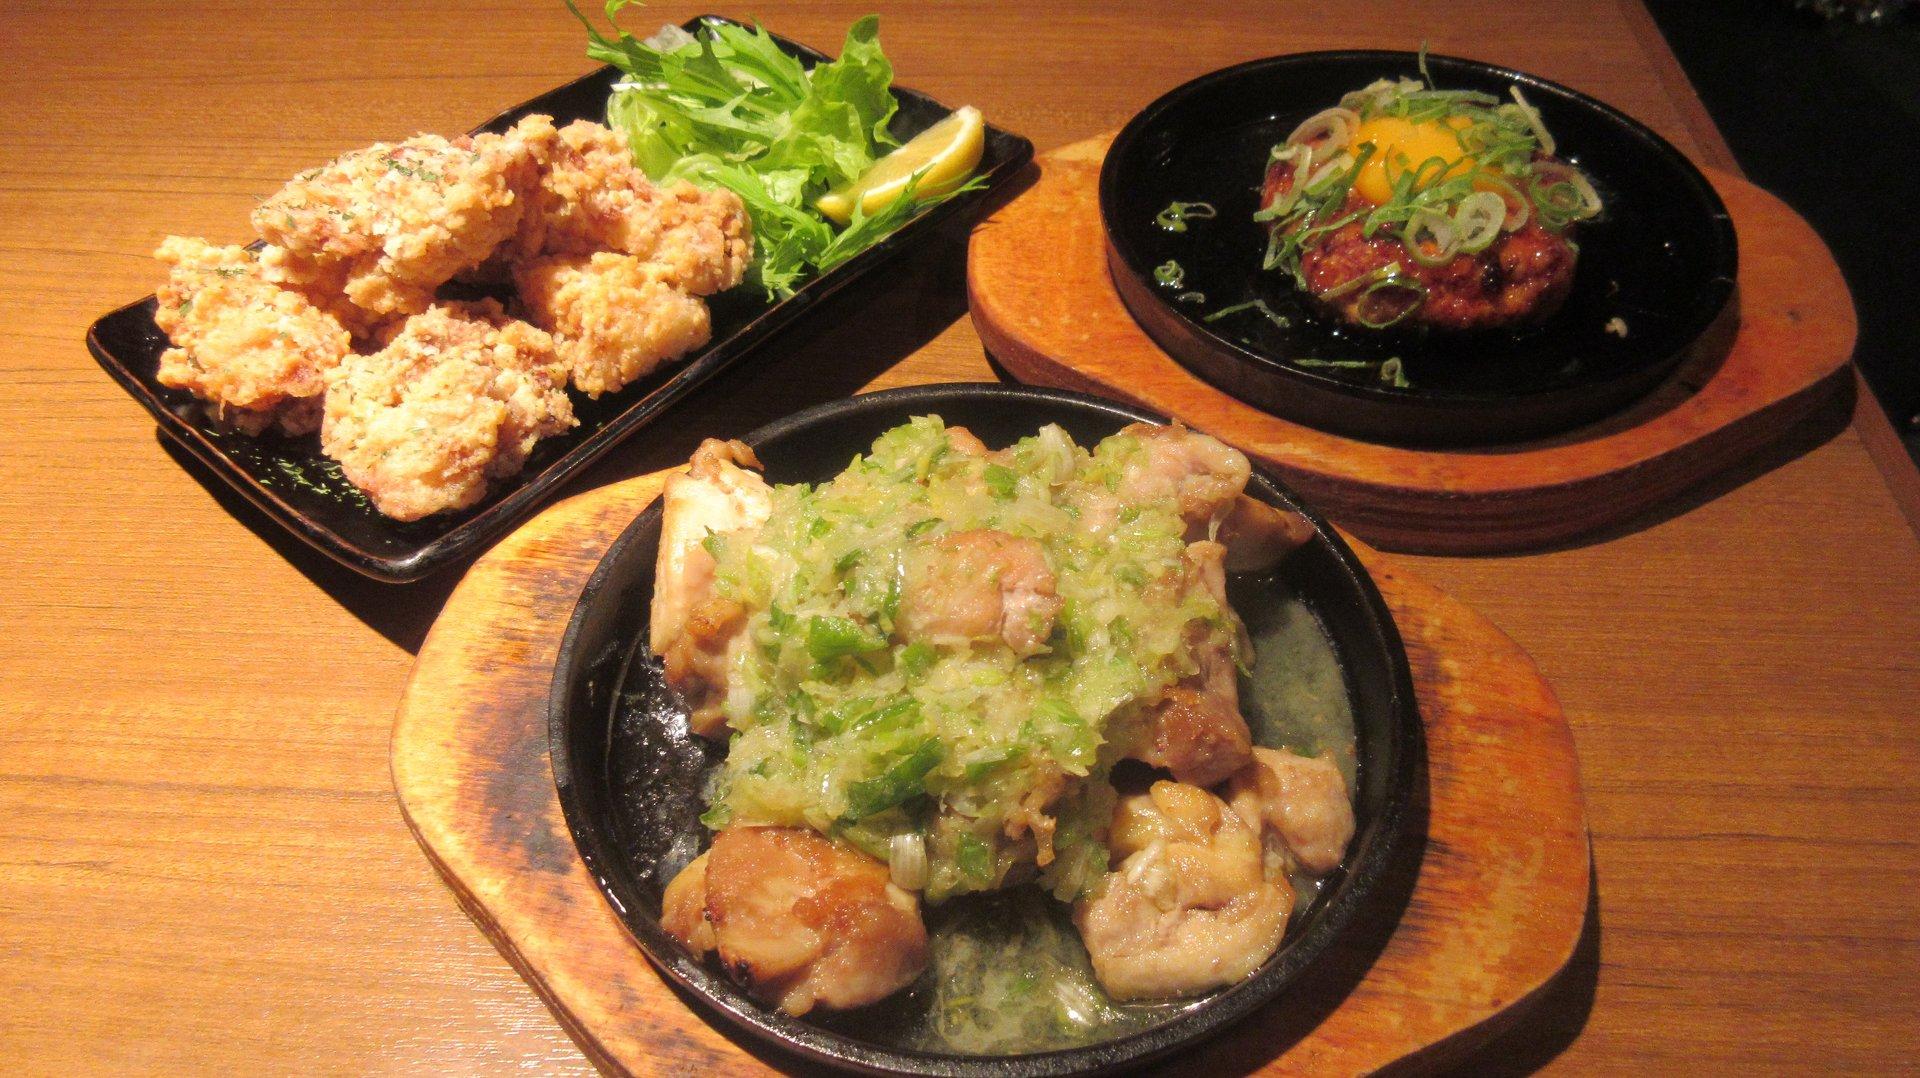 人気の鶏メニュー。左から唐揚げ、焼鳥、つくね